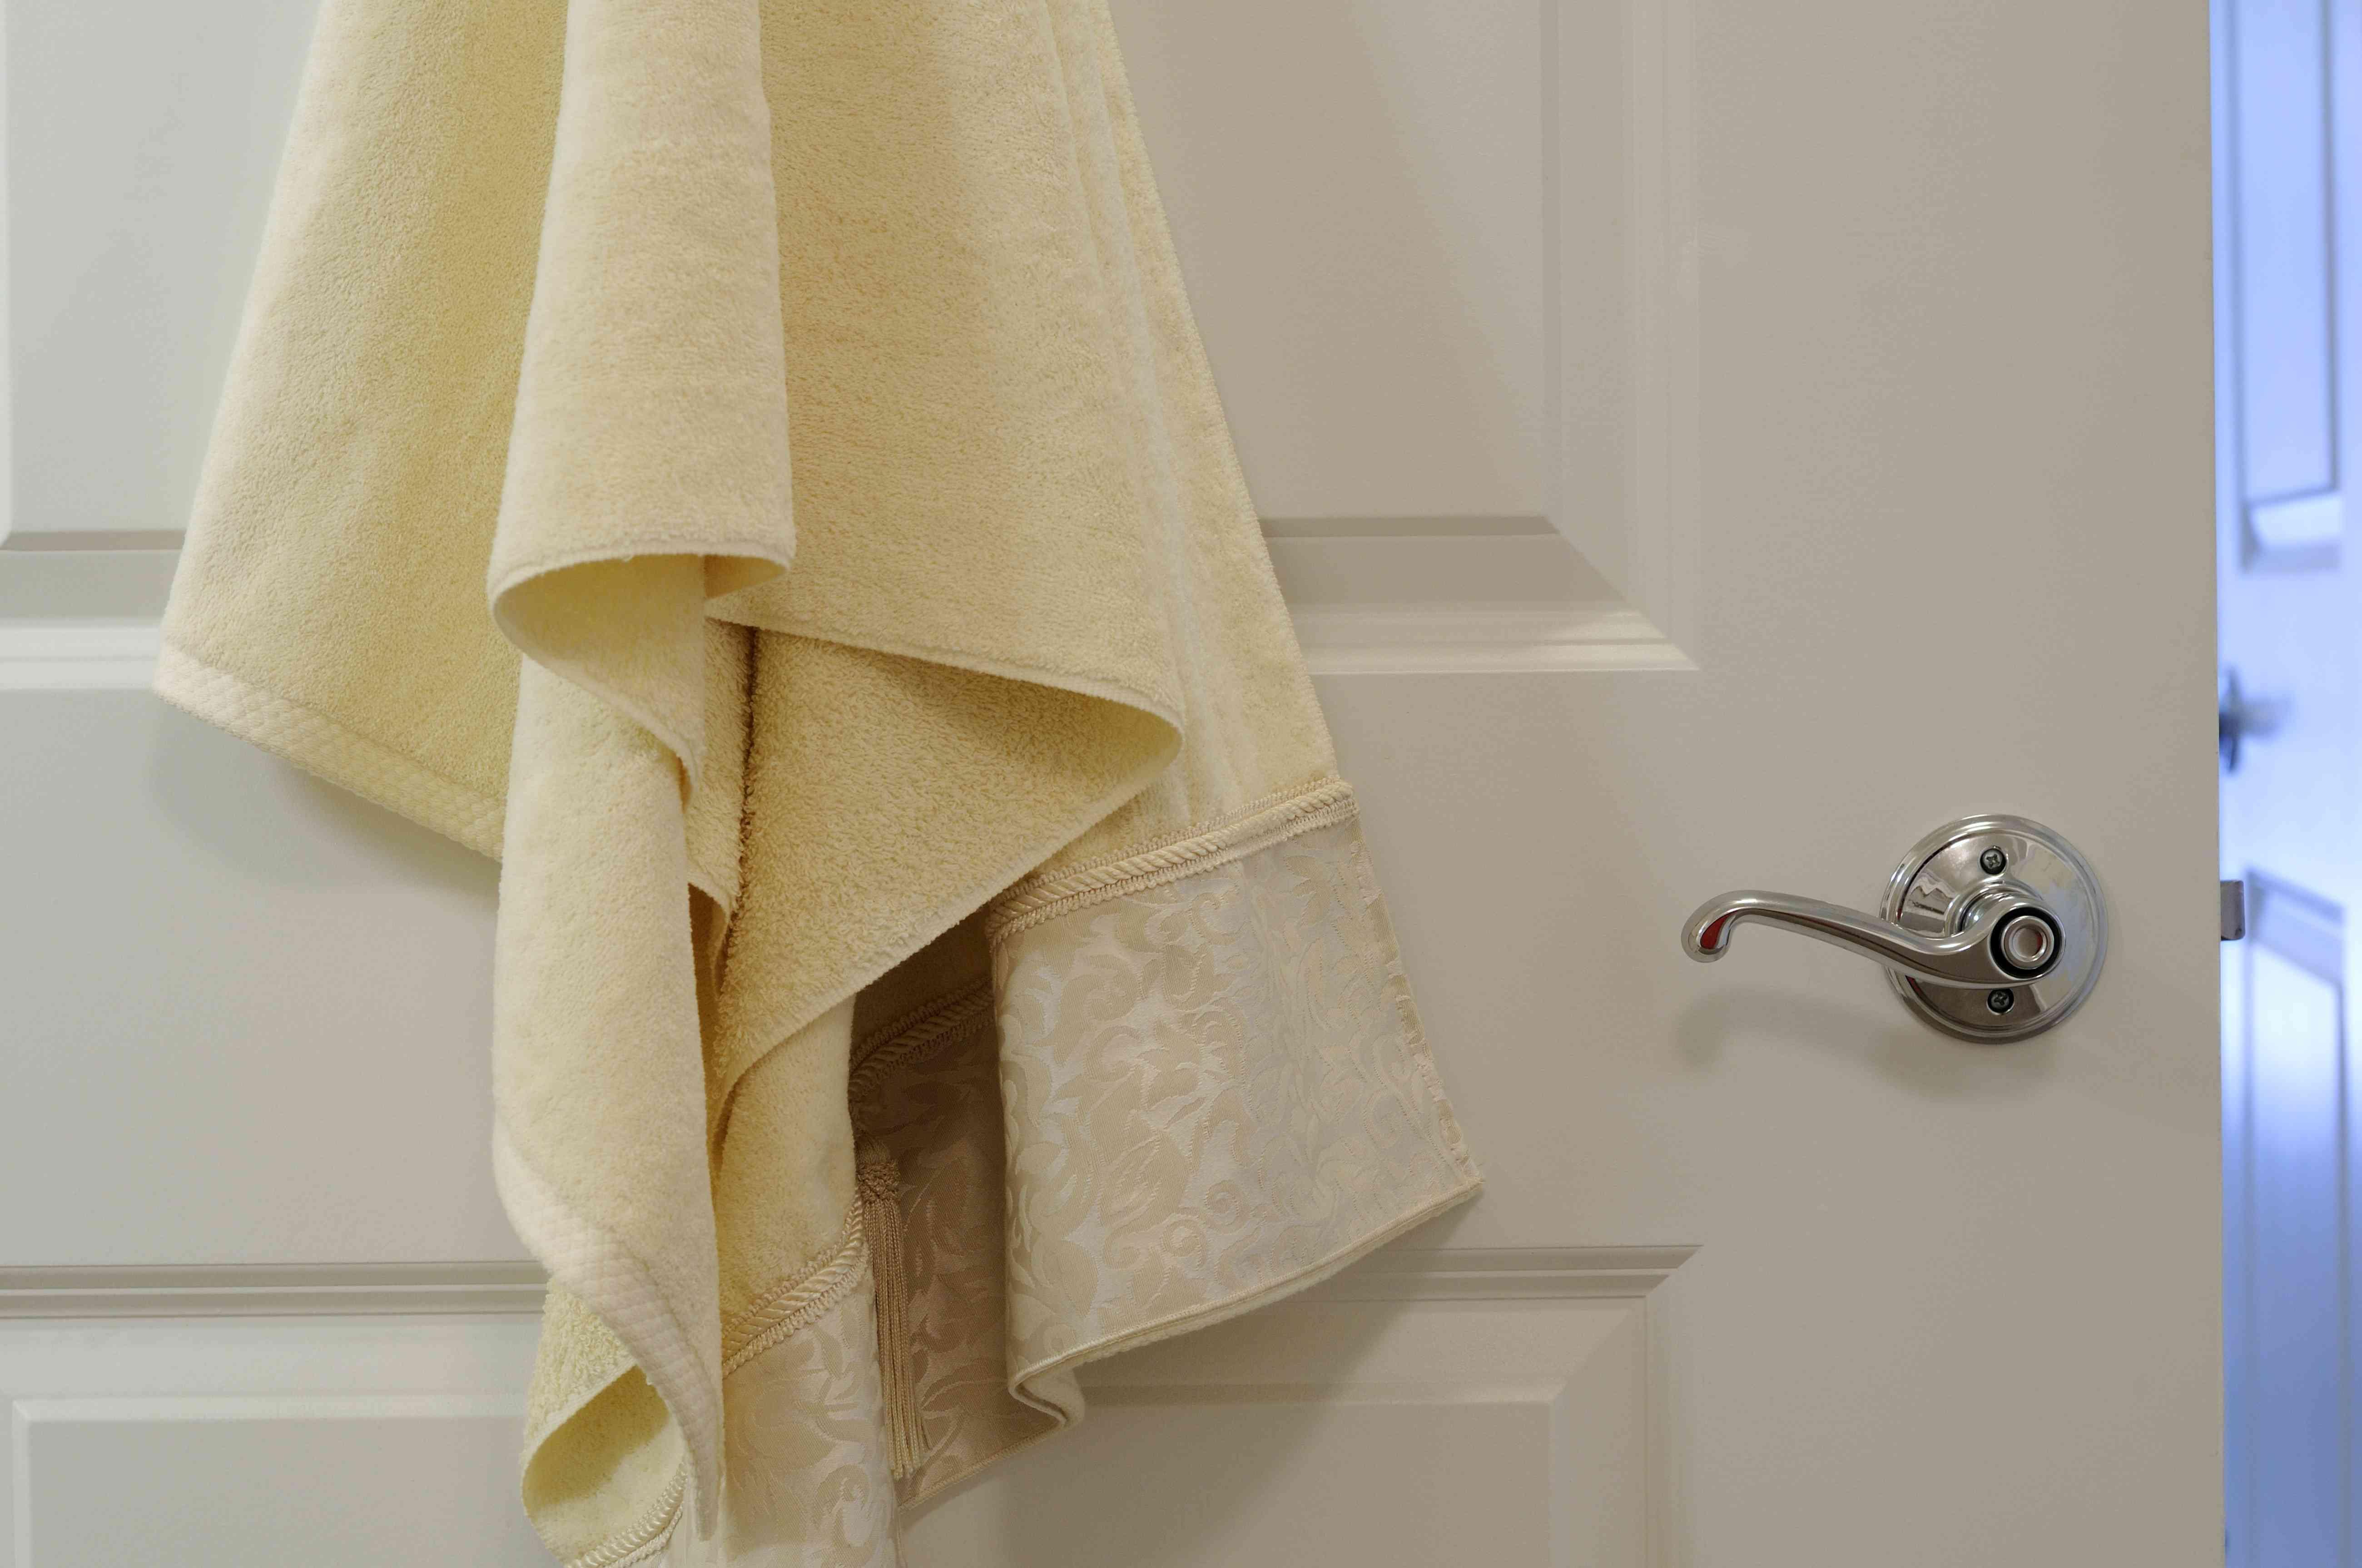 Towel hanging on door